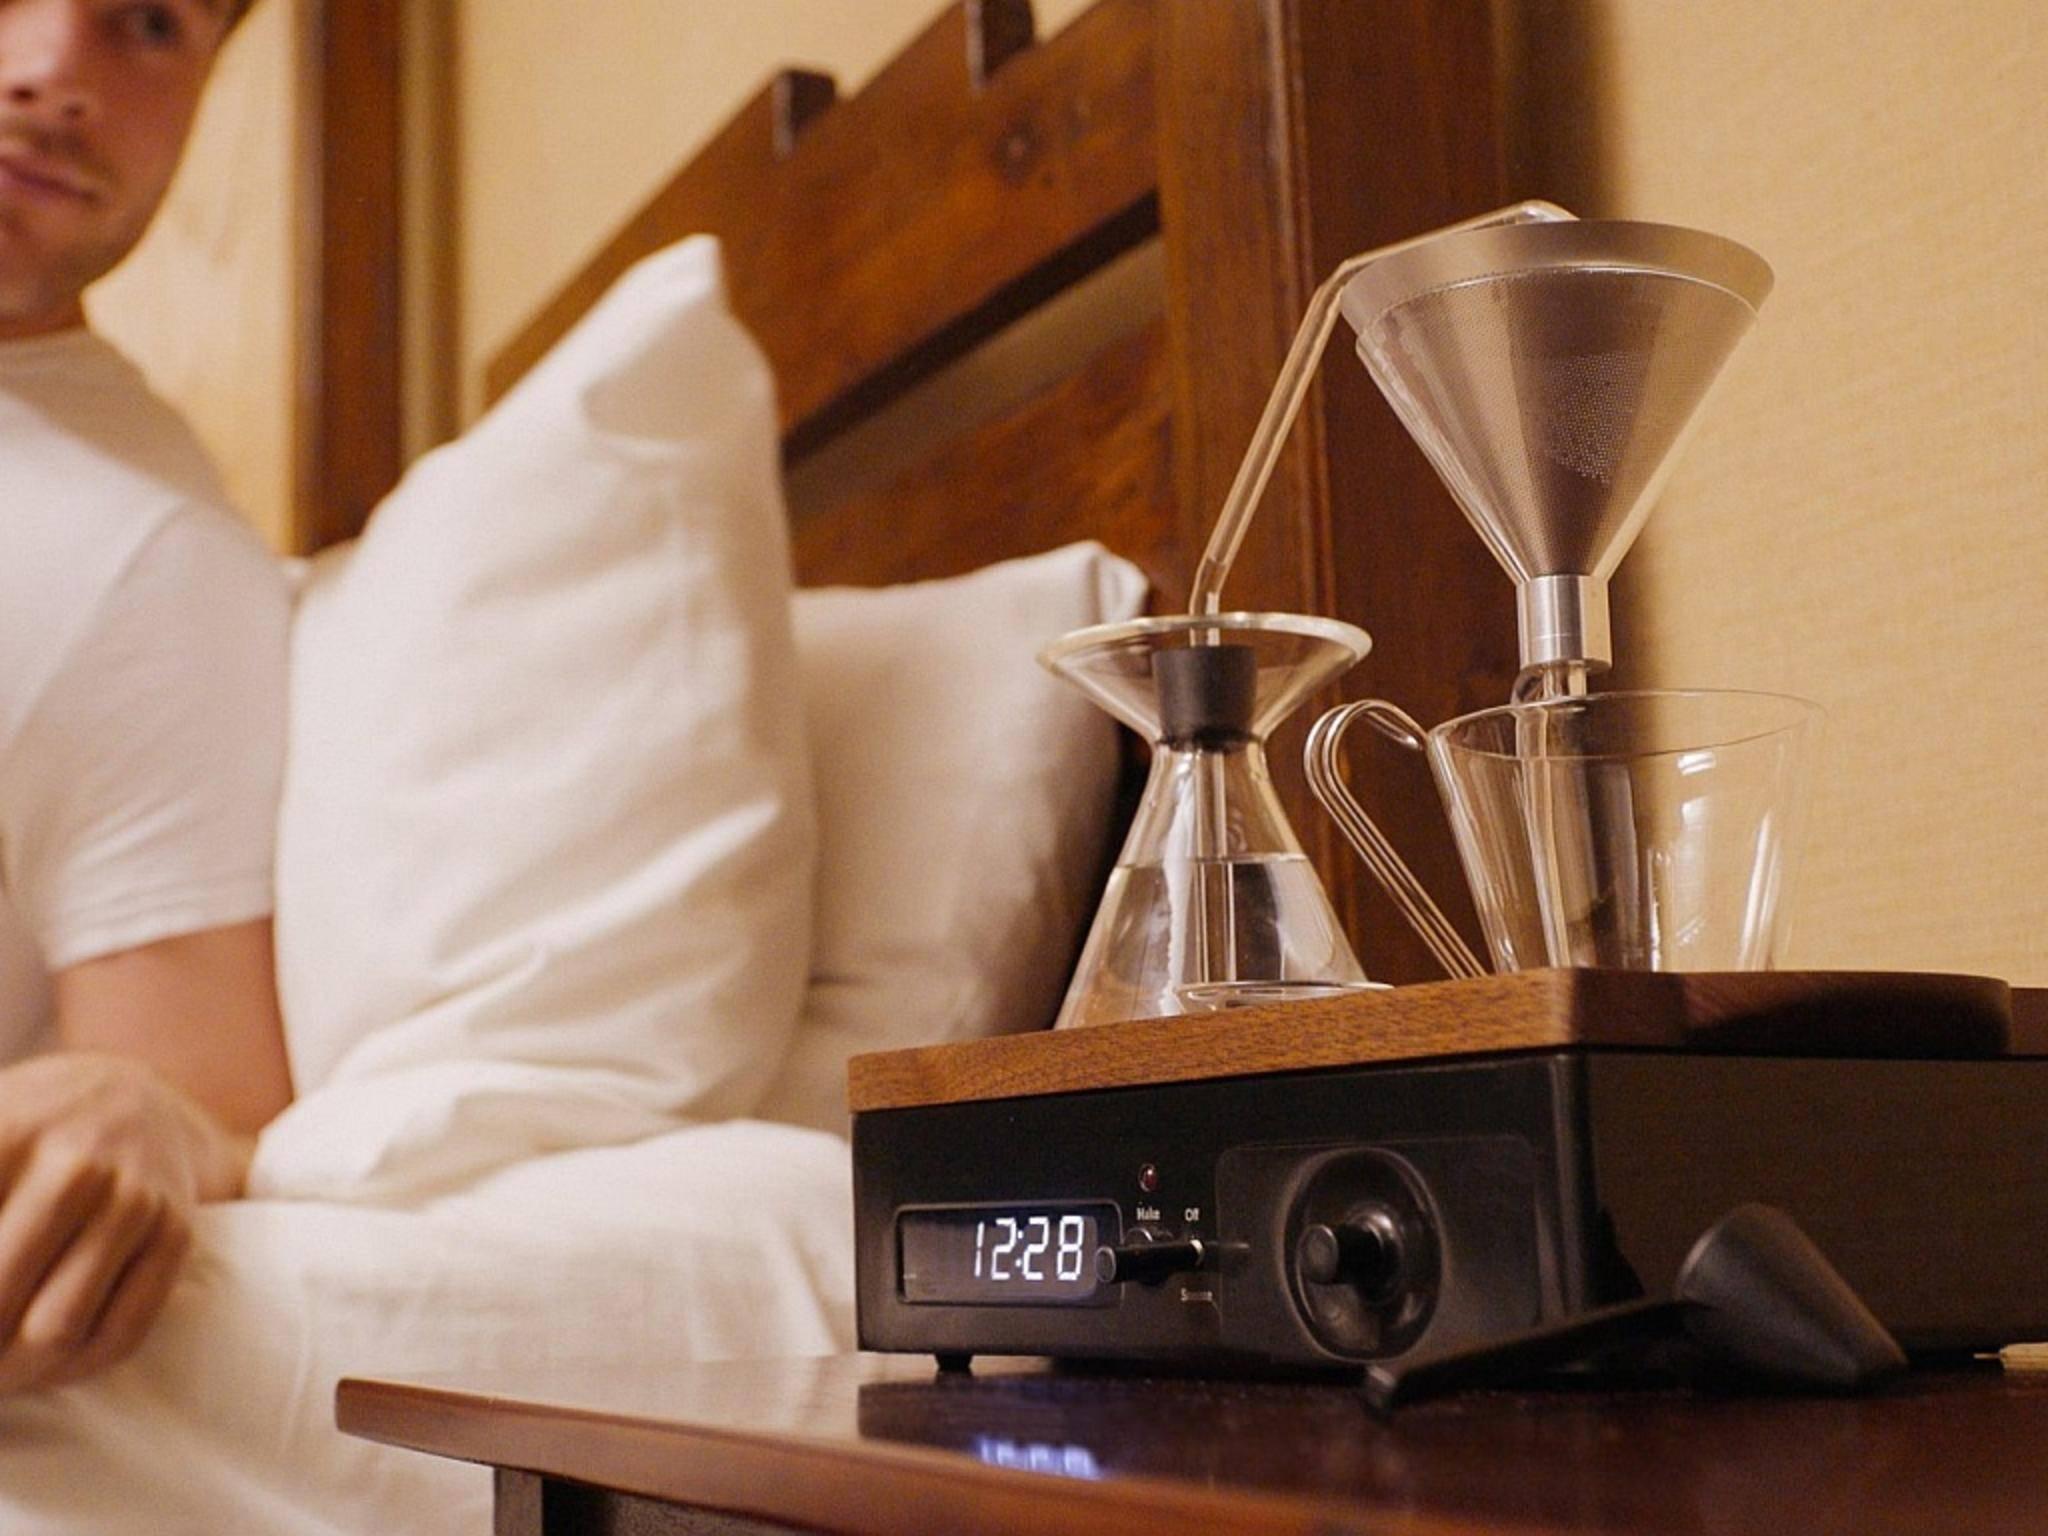 Barisieur Kaffemaschine Wecker Kickstarter Indiegogo